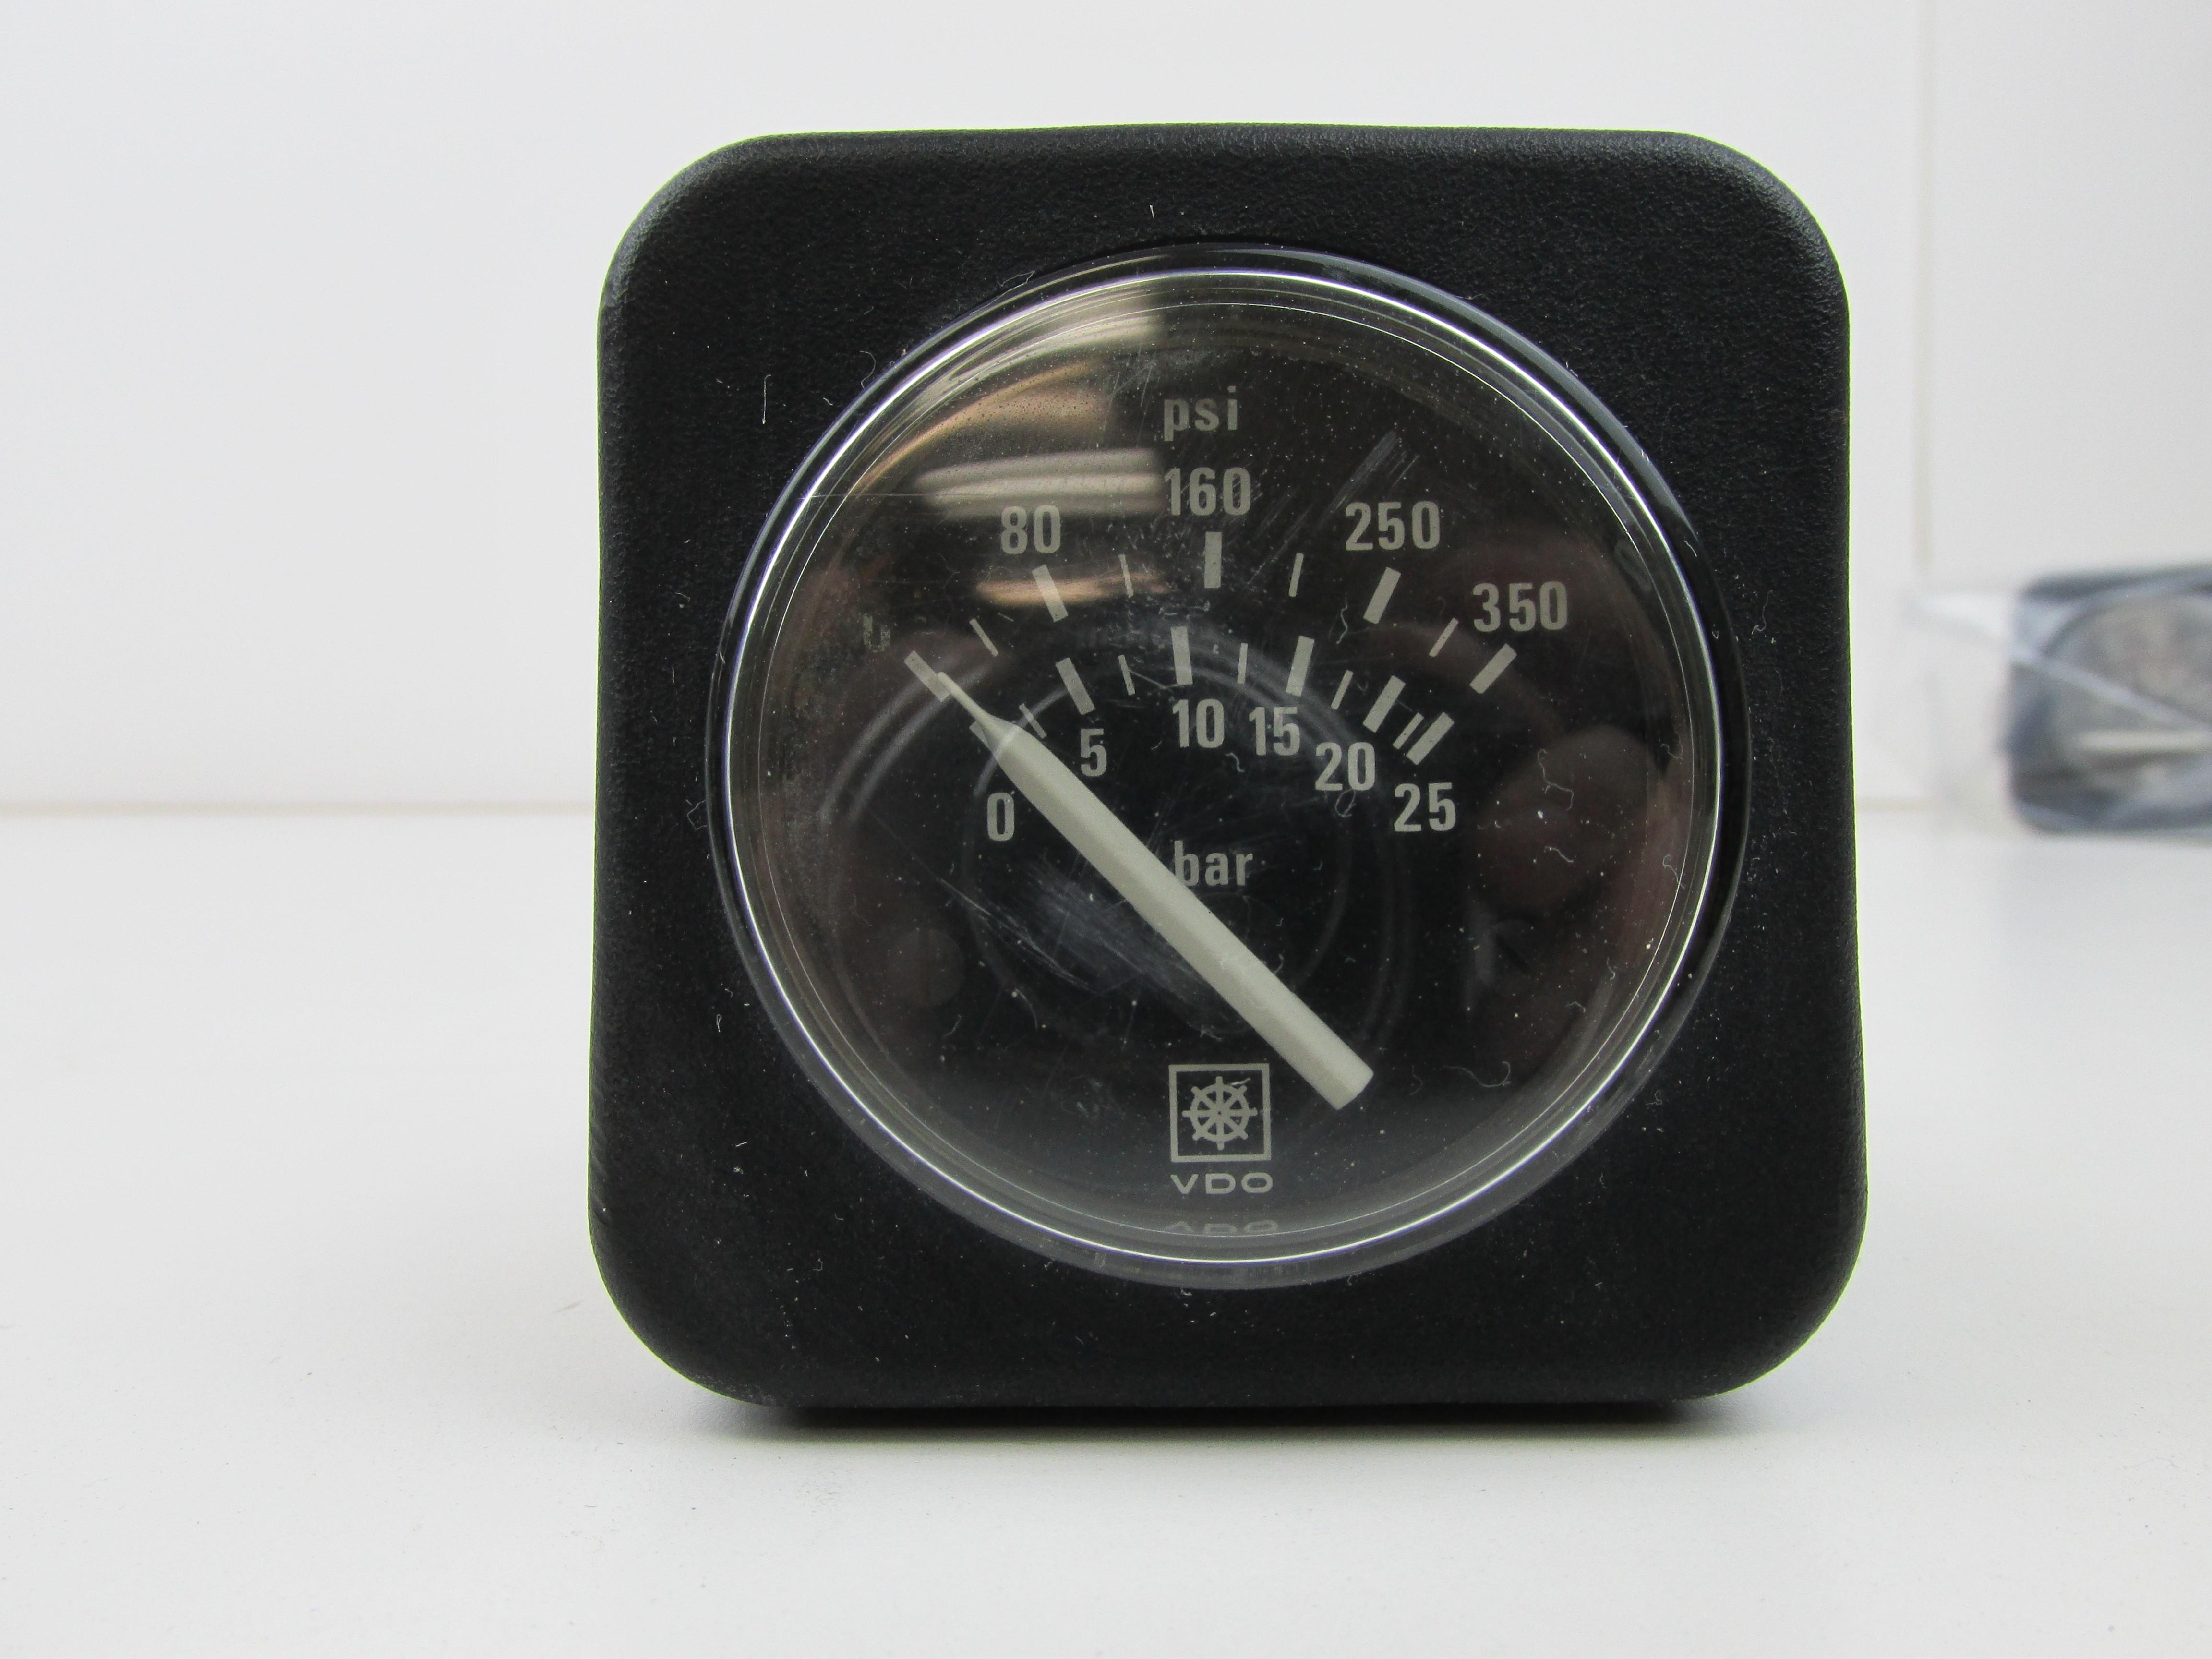 Cummins VDO 0 350 PSI Pressure Gauge